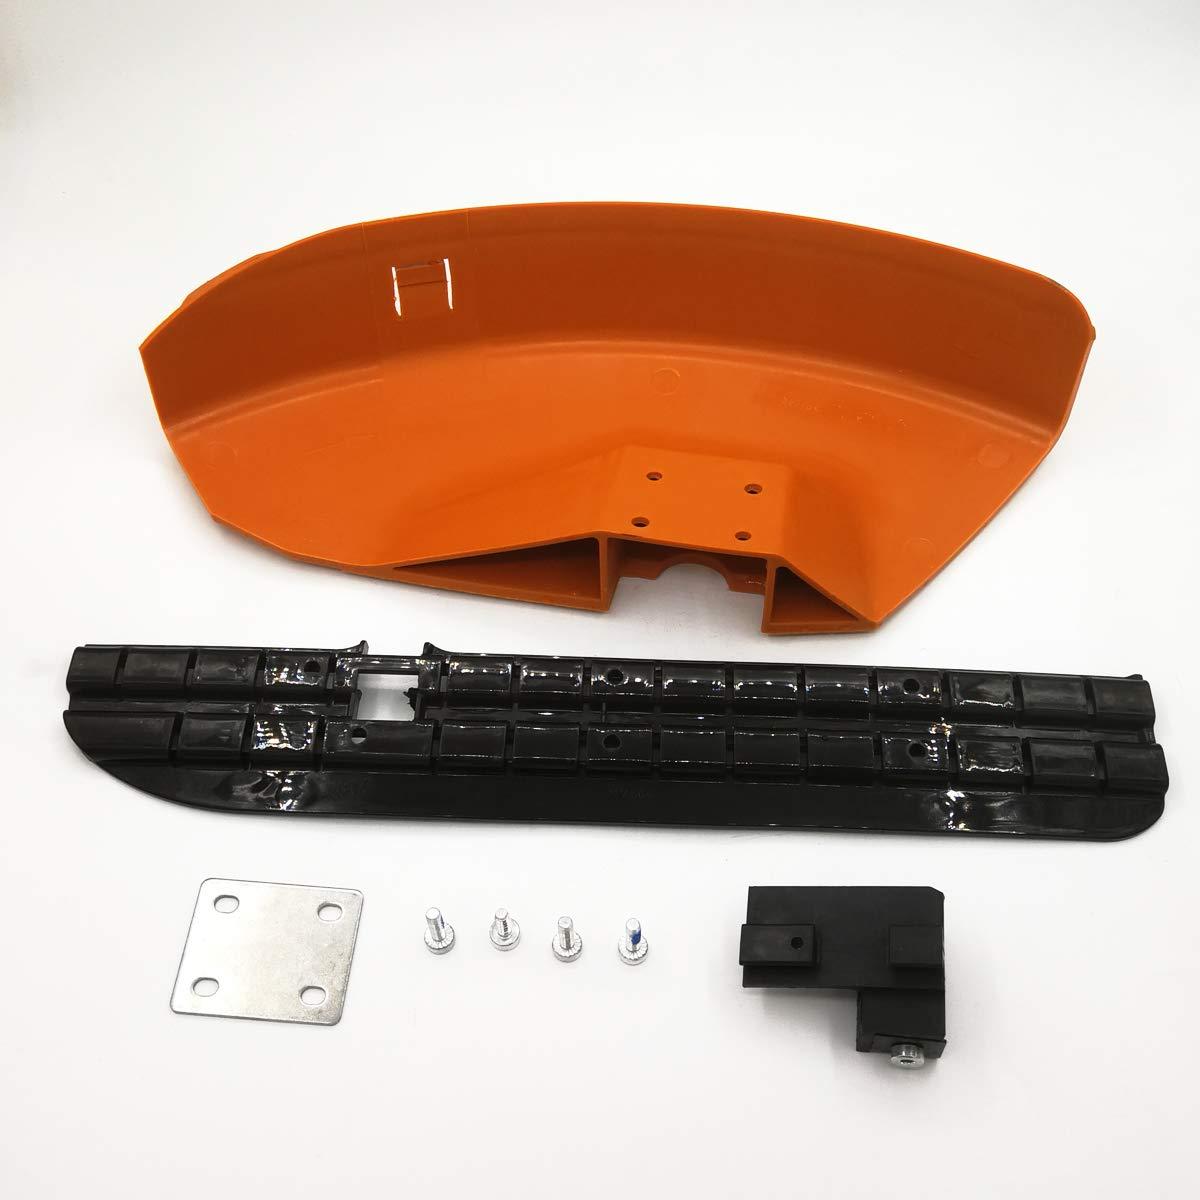 420mm / 260mm Protector Falda Placa de Soporte Kit de Cuchillas de Tornillo para STIHL FS55 FS110 FS130 FS160 FS180 FS220 FS240 FS250 Cortadora Césped ...